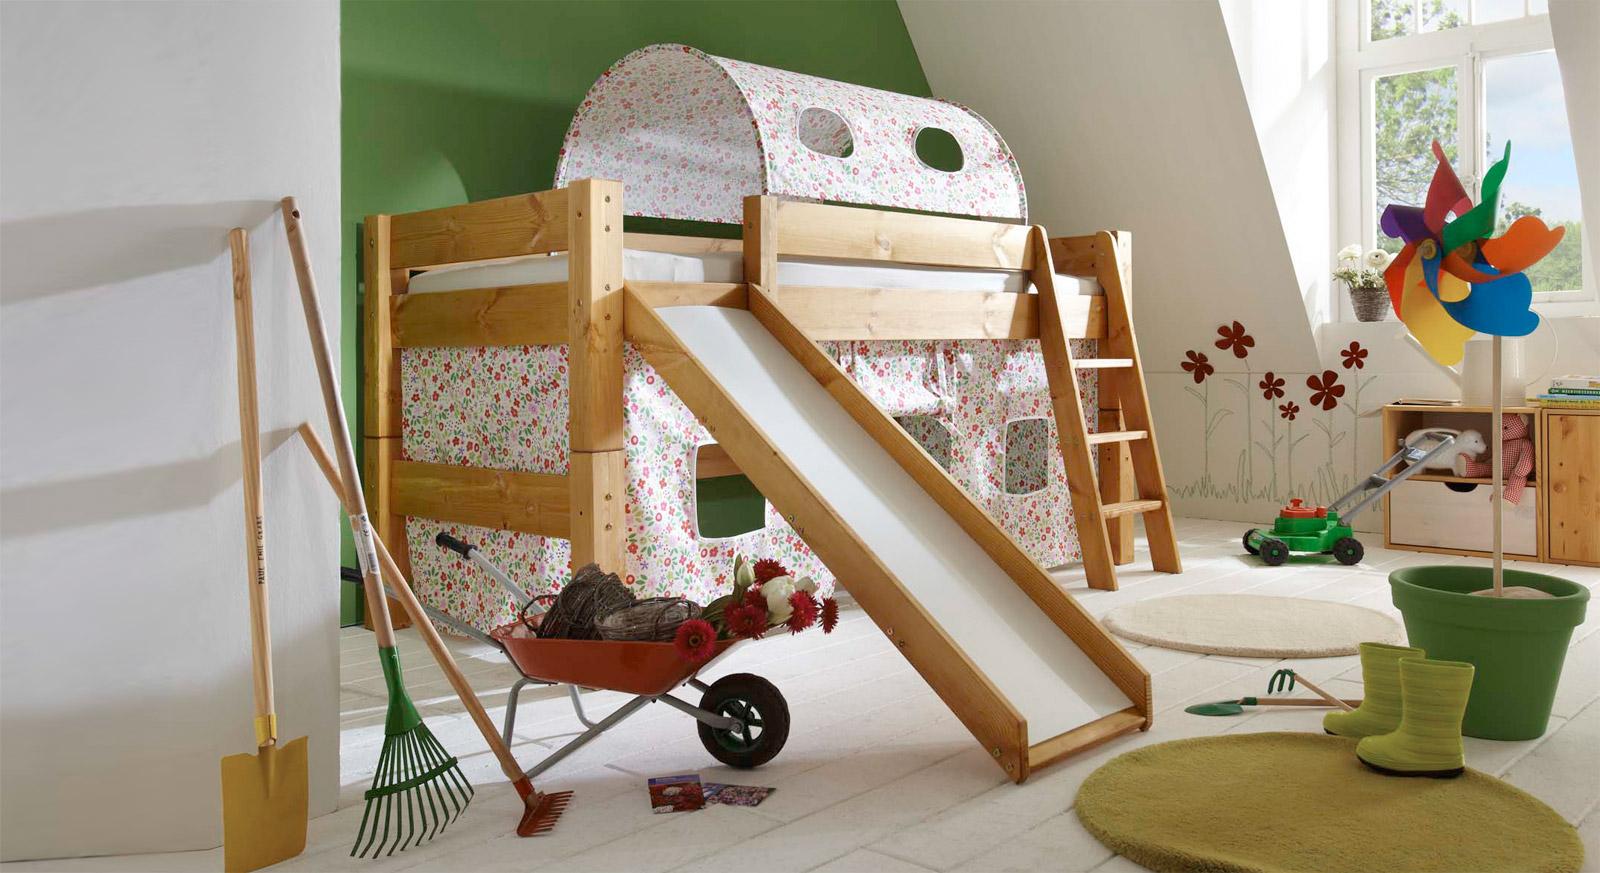 Full Size of Küche Sideboard Mit Arbeitsplatte Schlafzimmer überbau Bonprix Betten Bett Schubladen 180x200 Weiß 200x200 Bettkasten Unterbett 90x200 Esstisch Baumkante Bett Bett Mit Rutsche